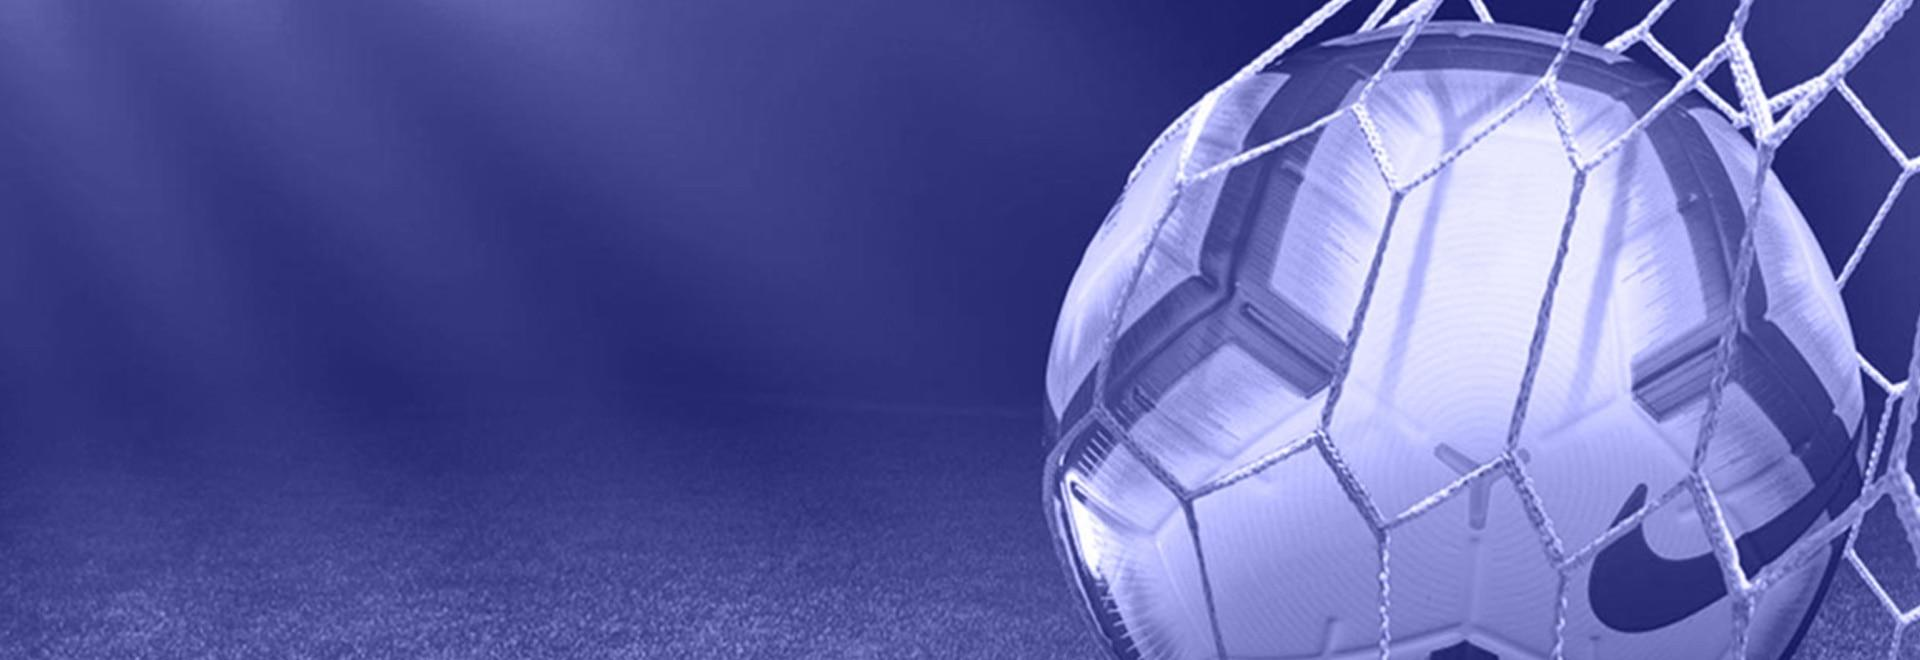 Inter - Milan 11/05/01